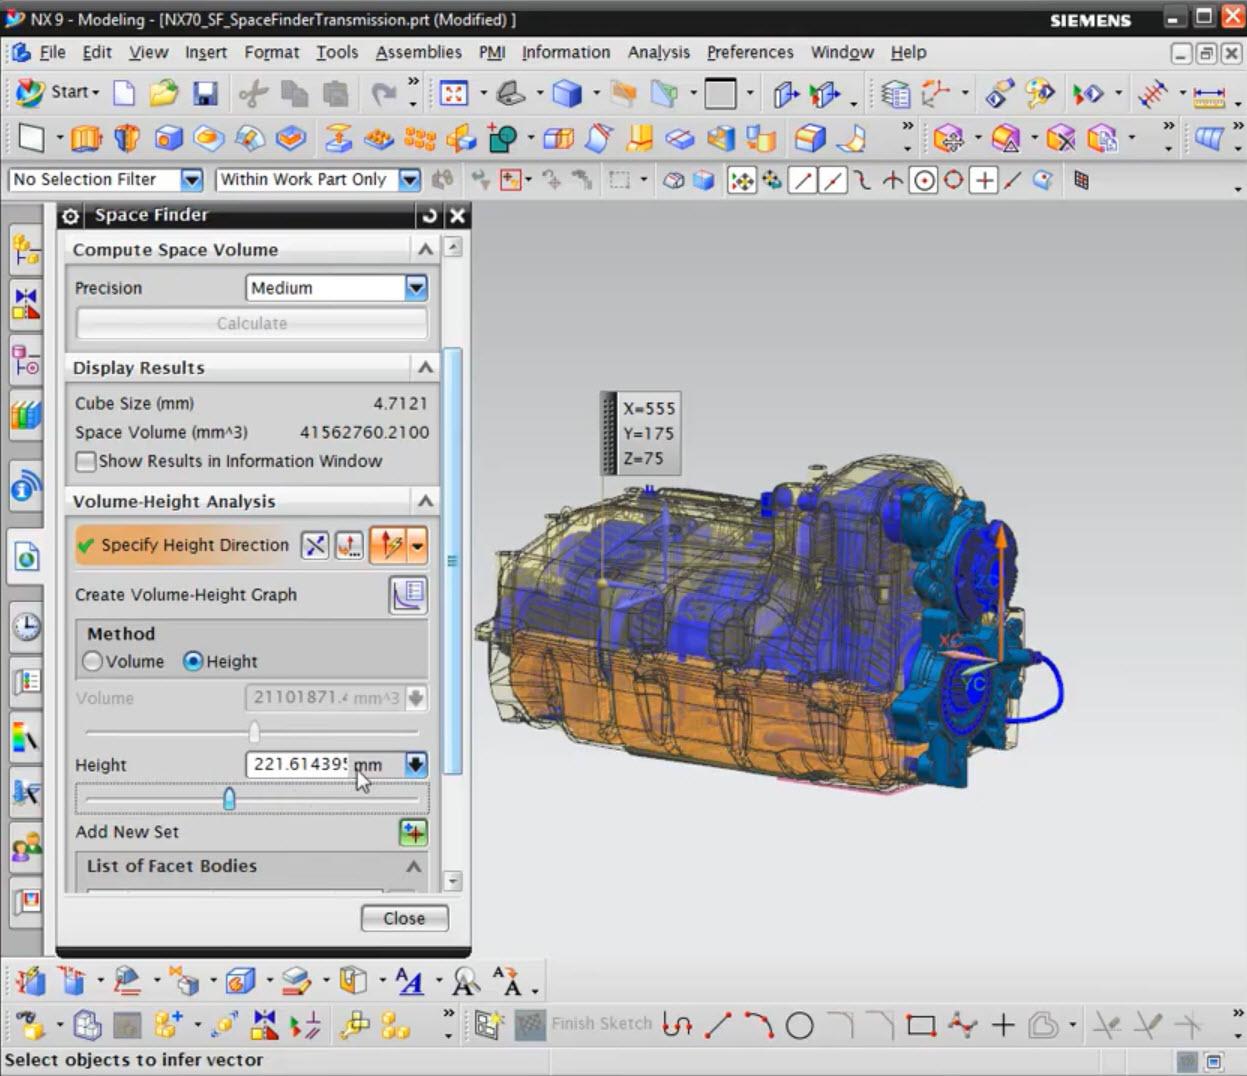 NX térfogat és kitöltési térfogat számítási módszerei